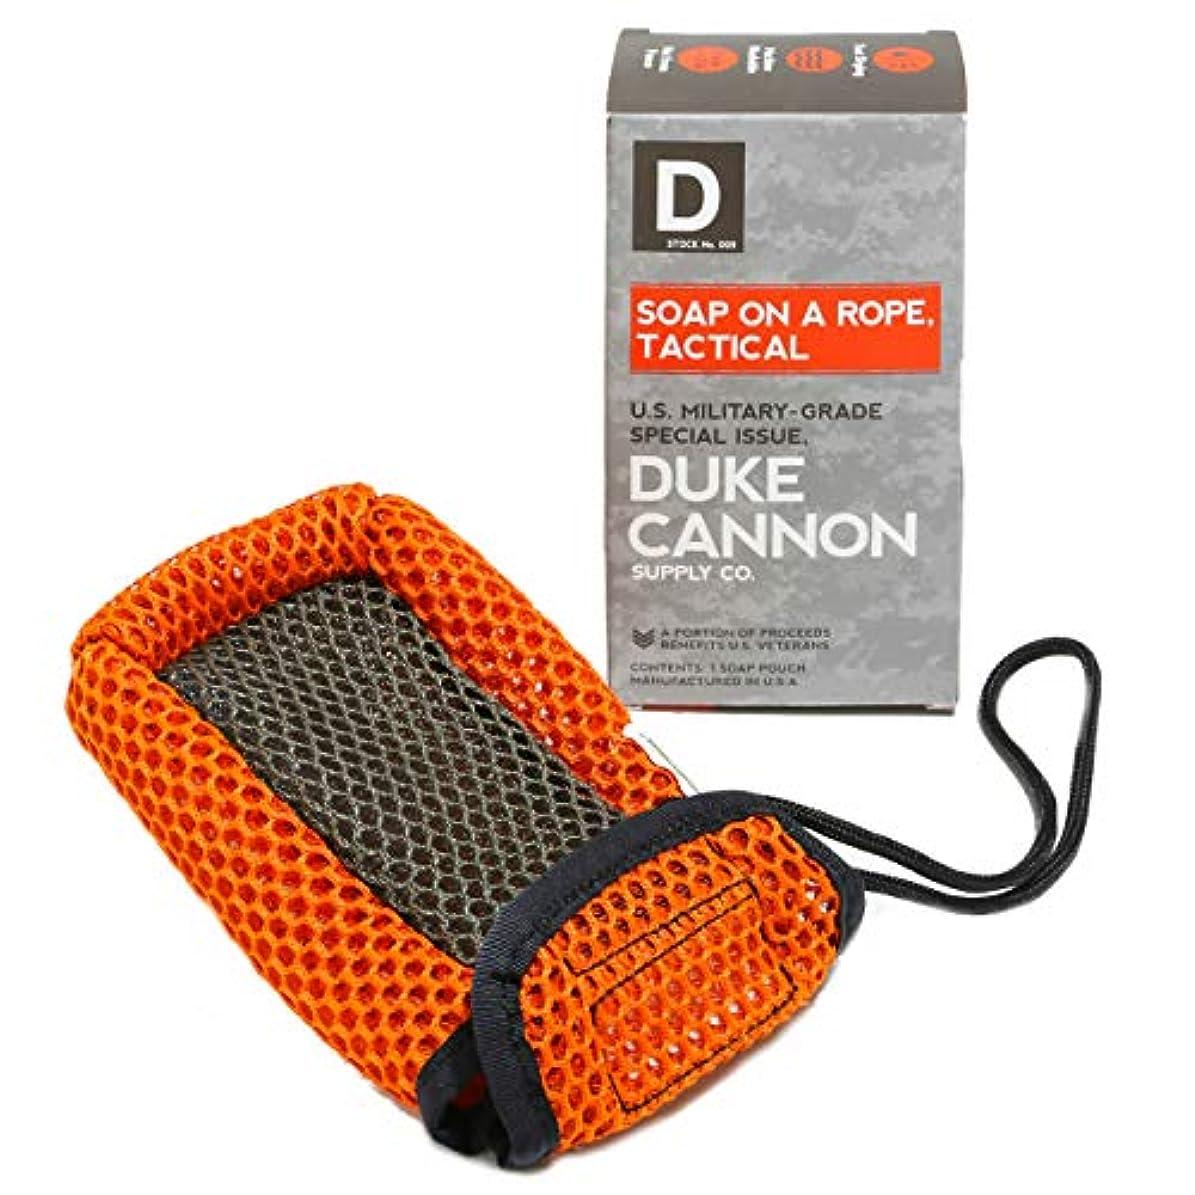 ウッズ夜明け接地Duke Cannon ロープのポーチには戦術的なソープ